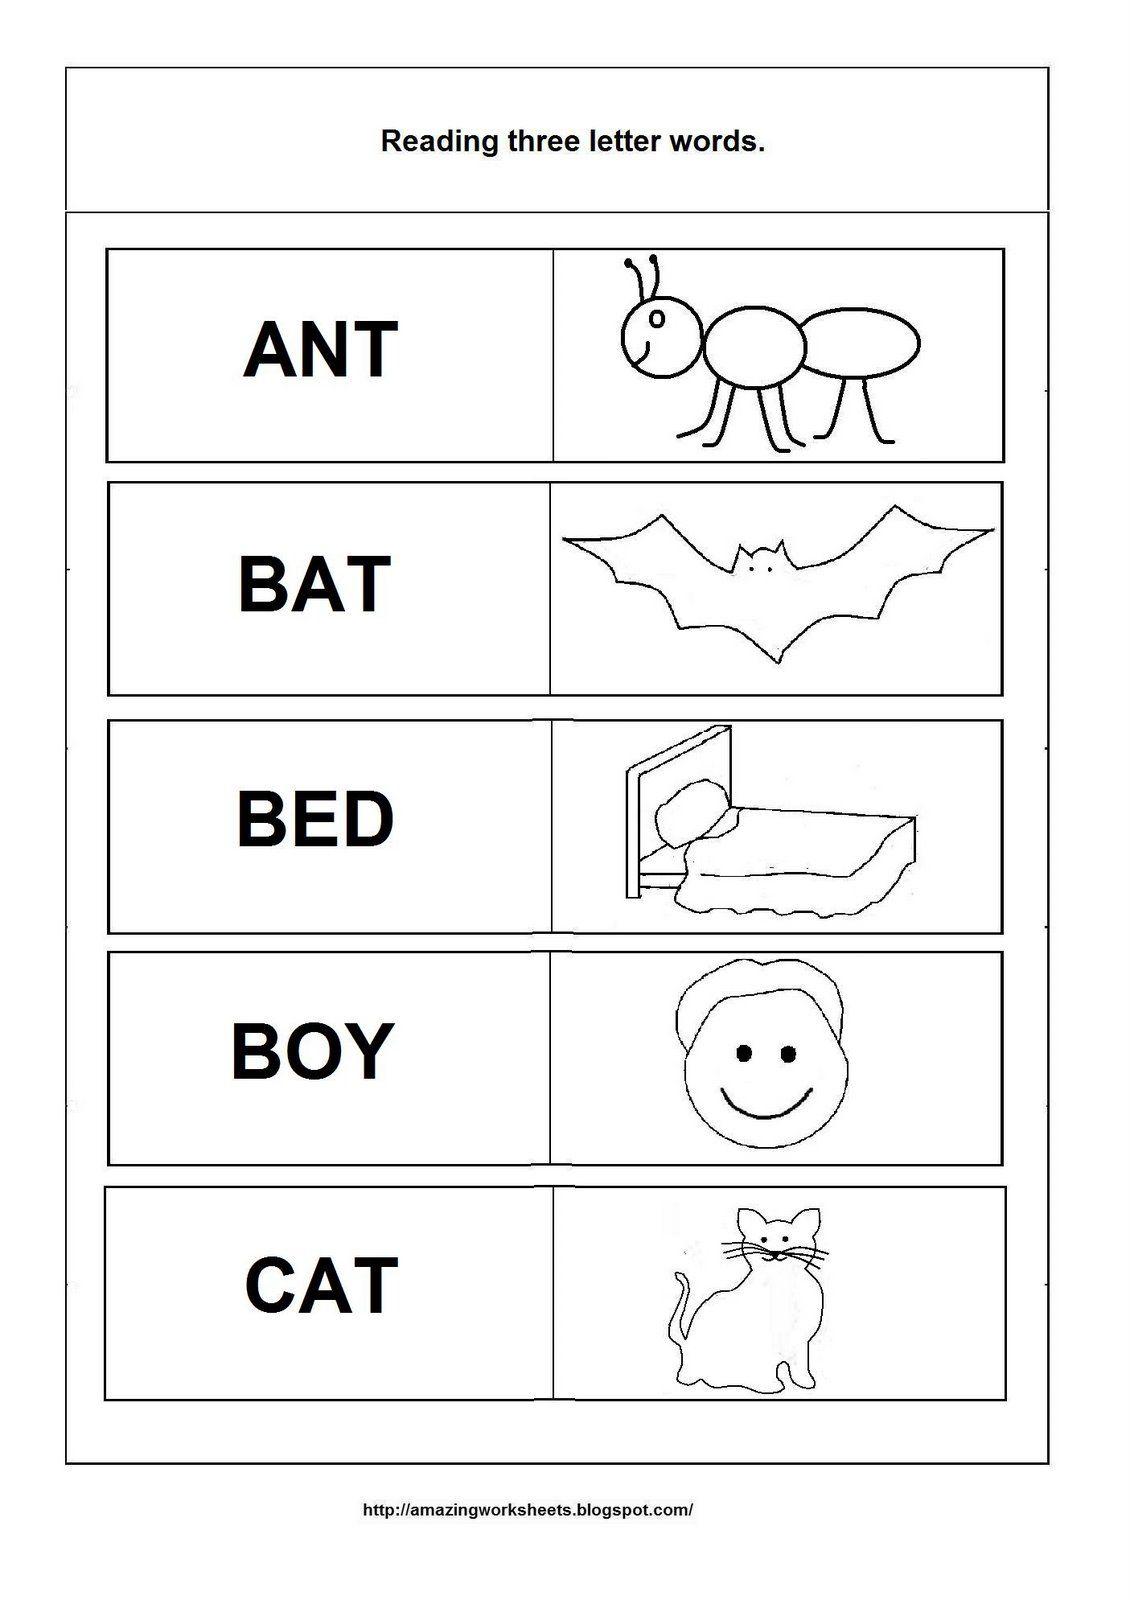 simple words worksheet homeschooling reading grammar 3 letter words three letter words. Black Bedroom Furniture Sets. Home Design Ideas